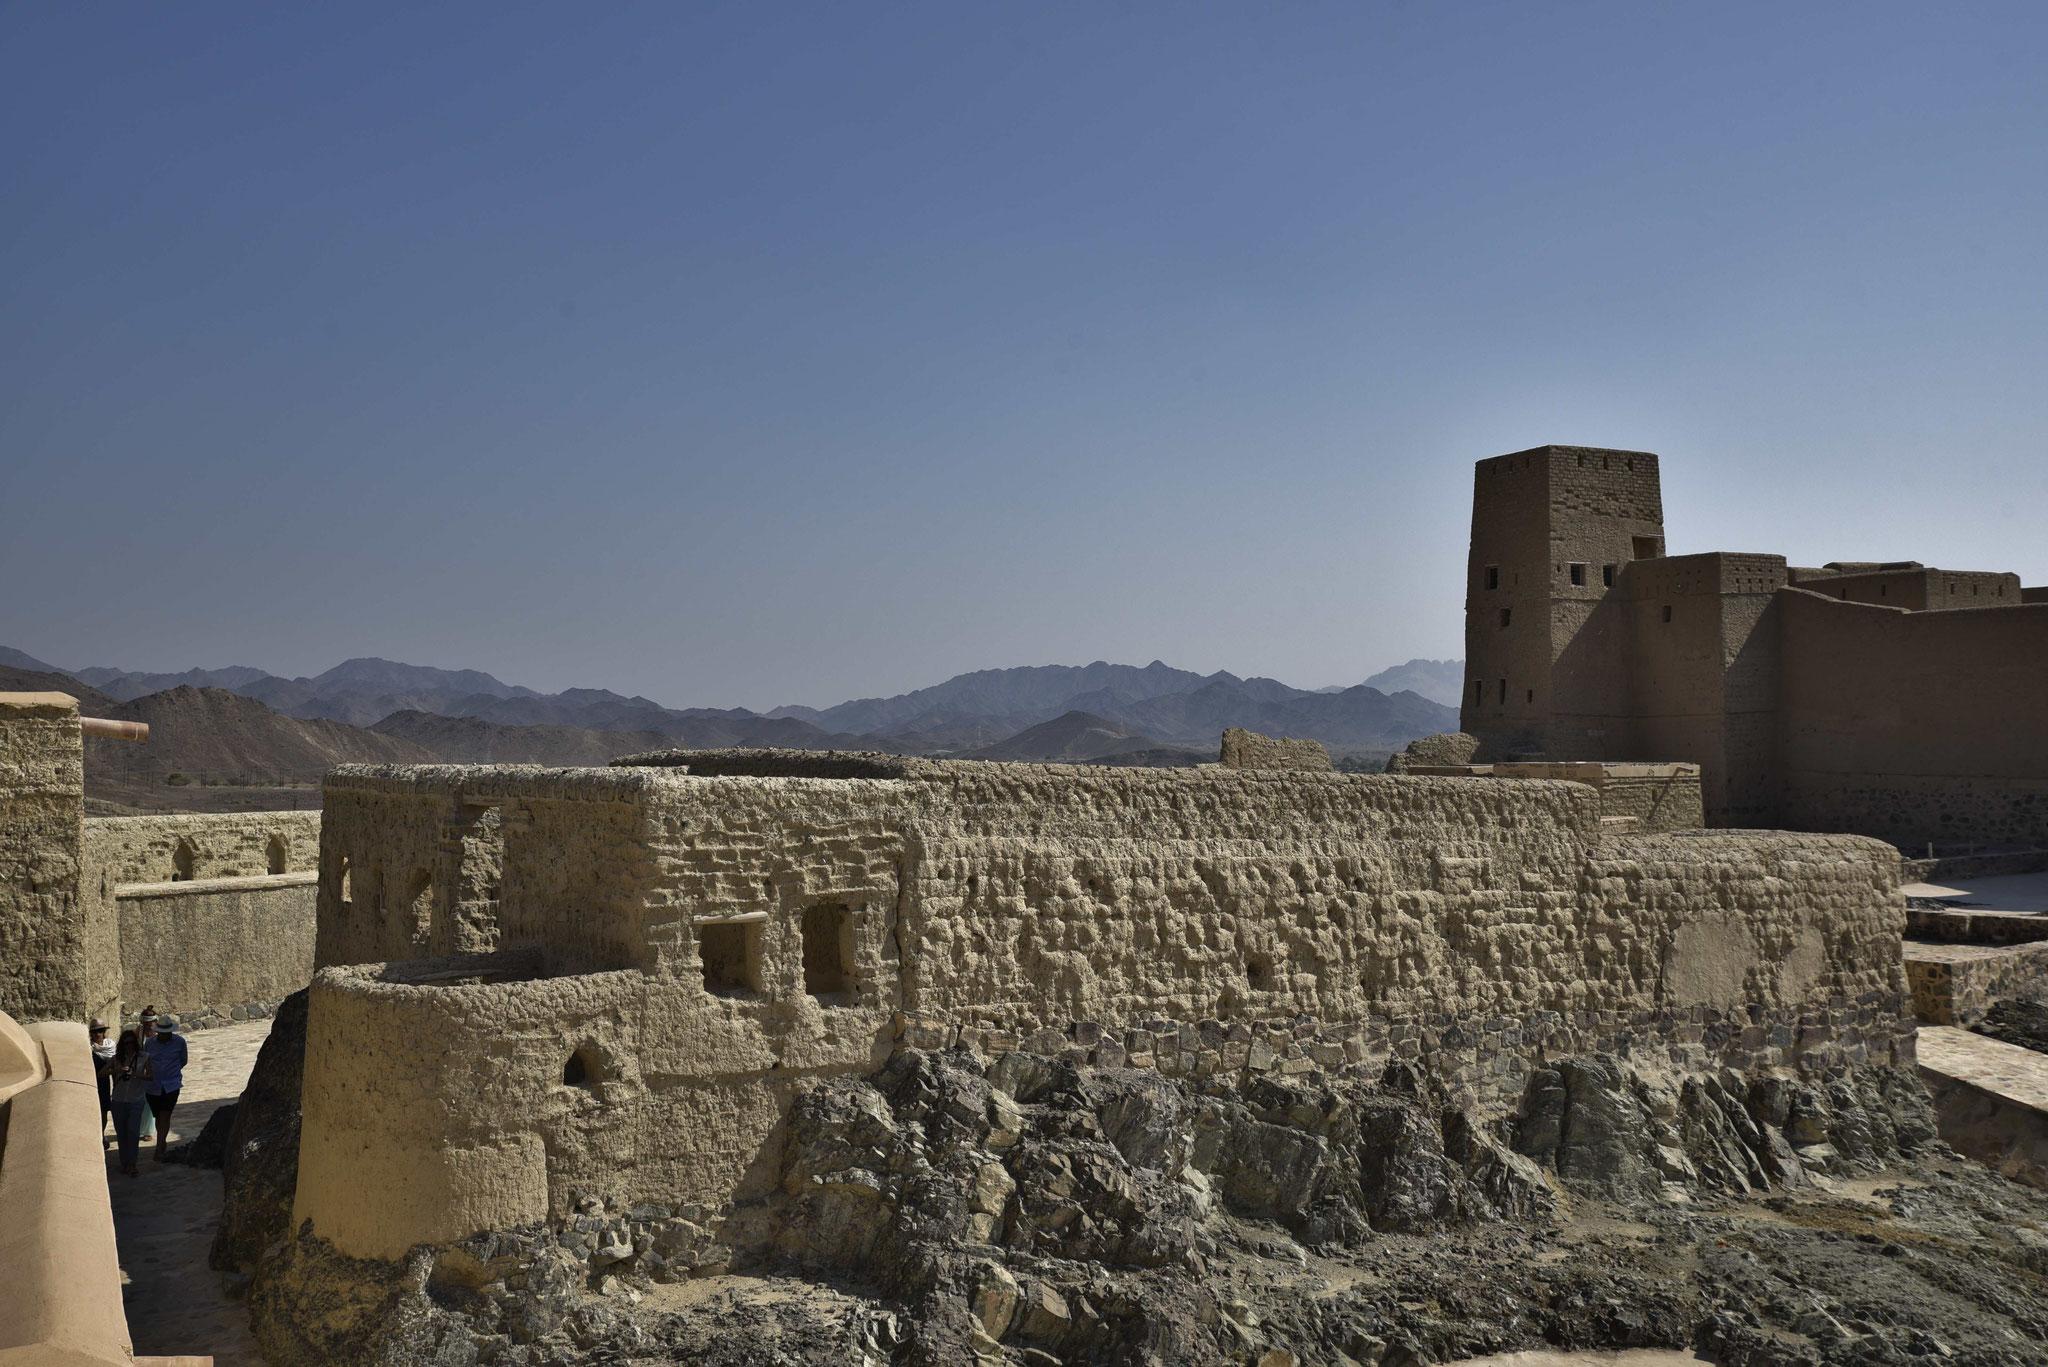 Festungsmauer